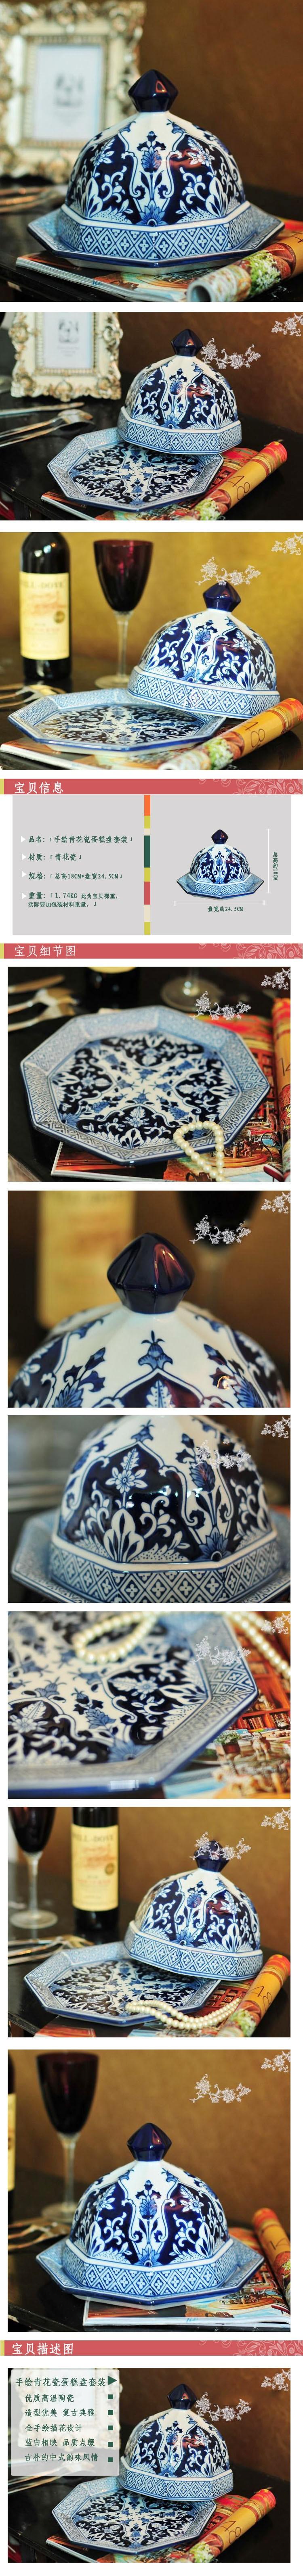 现代手绘青花瓷蛋糕盘套装